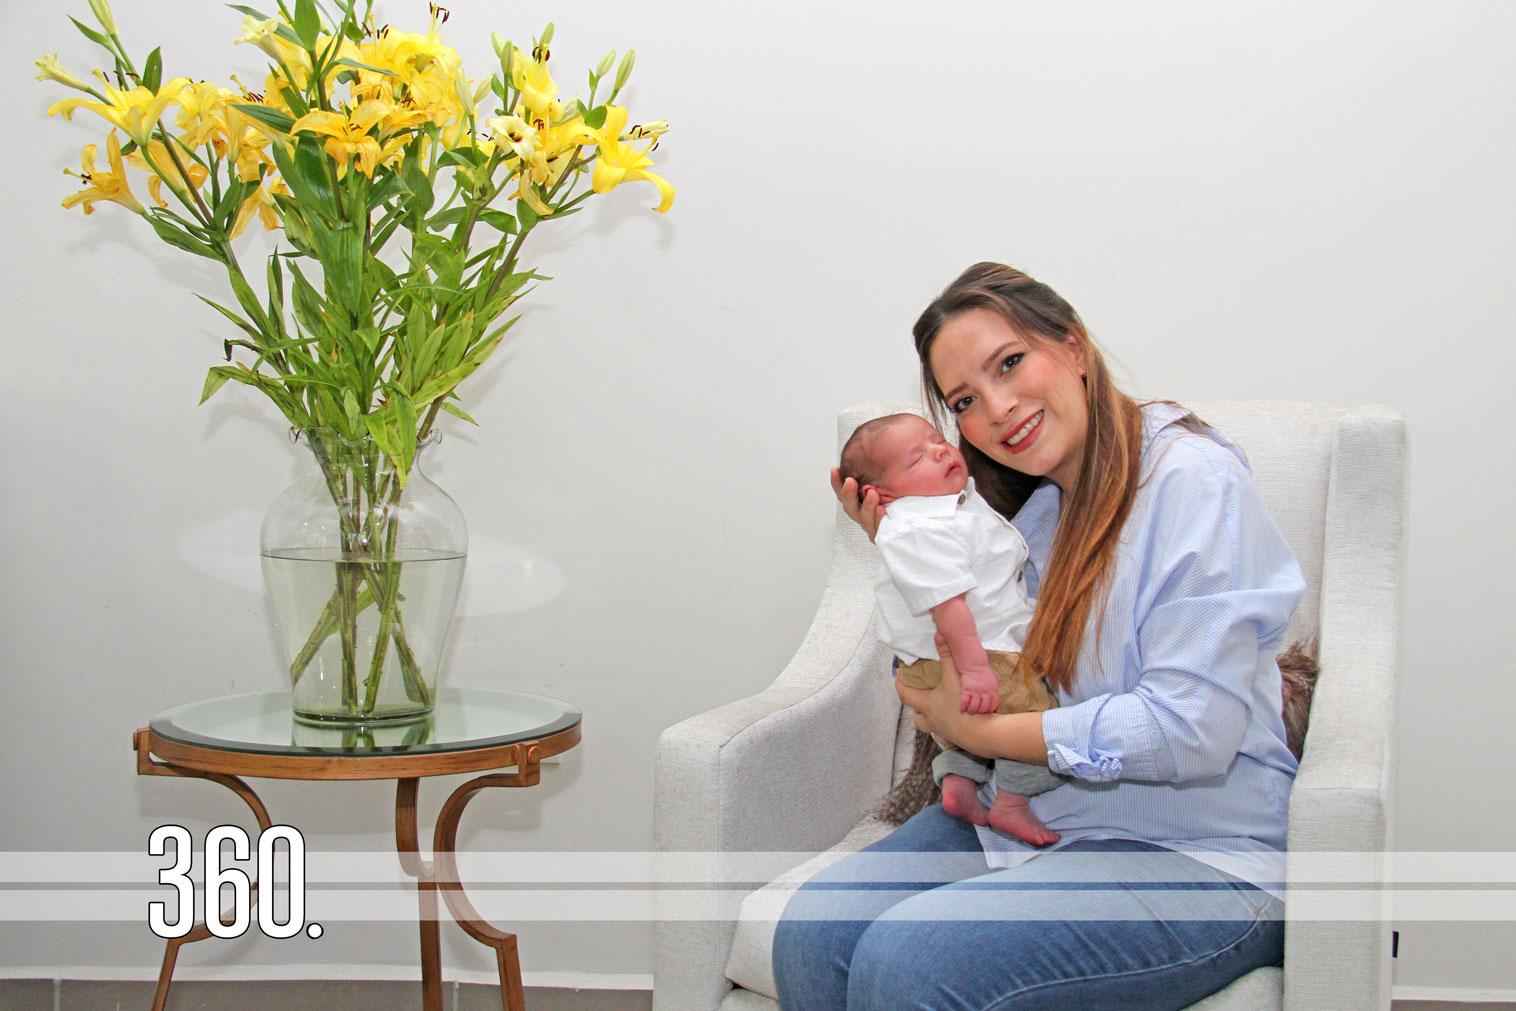 El día de las madres es una de las celebraciones más importantes del año. Durante esta fecha, se festeja a todas las mamás por su esfuerzo, sacrificio y dedicación en la crianza de sus hijos y el bienestar de su familia.